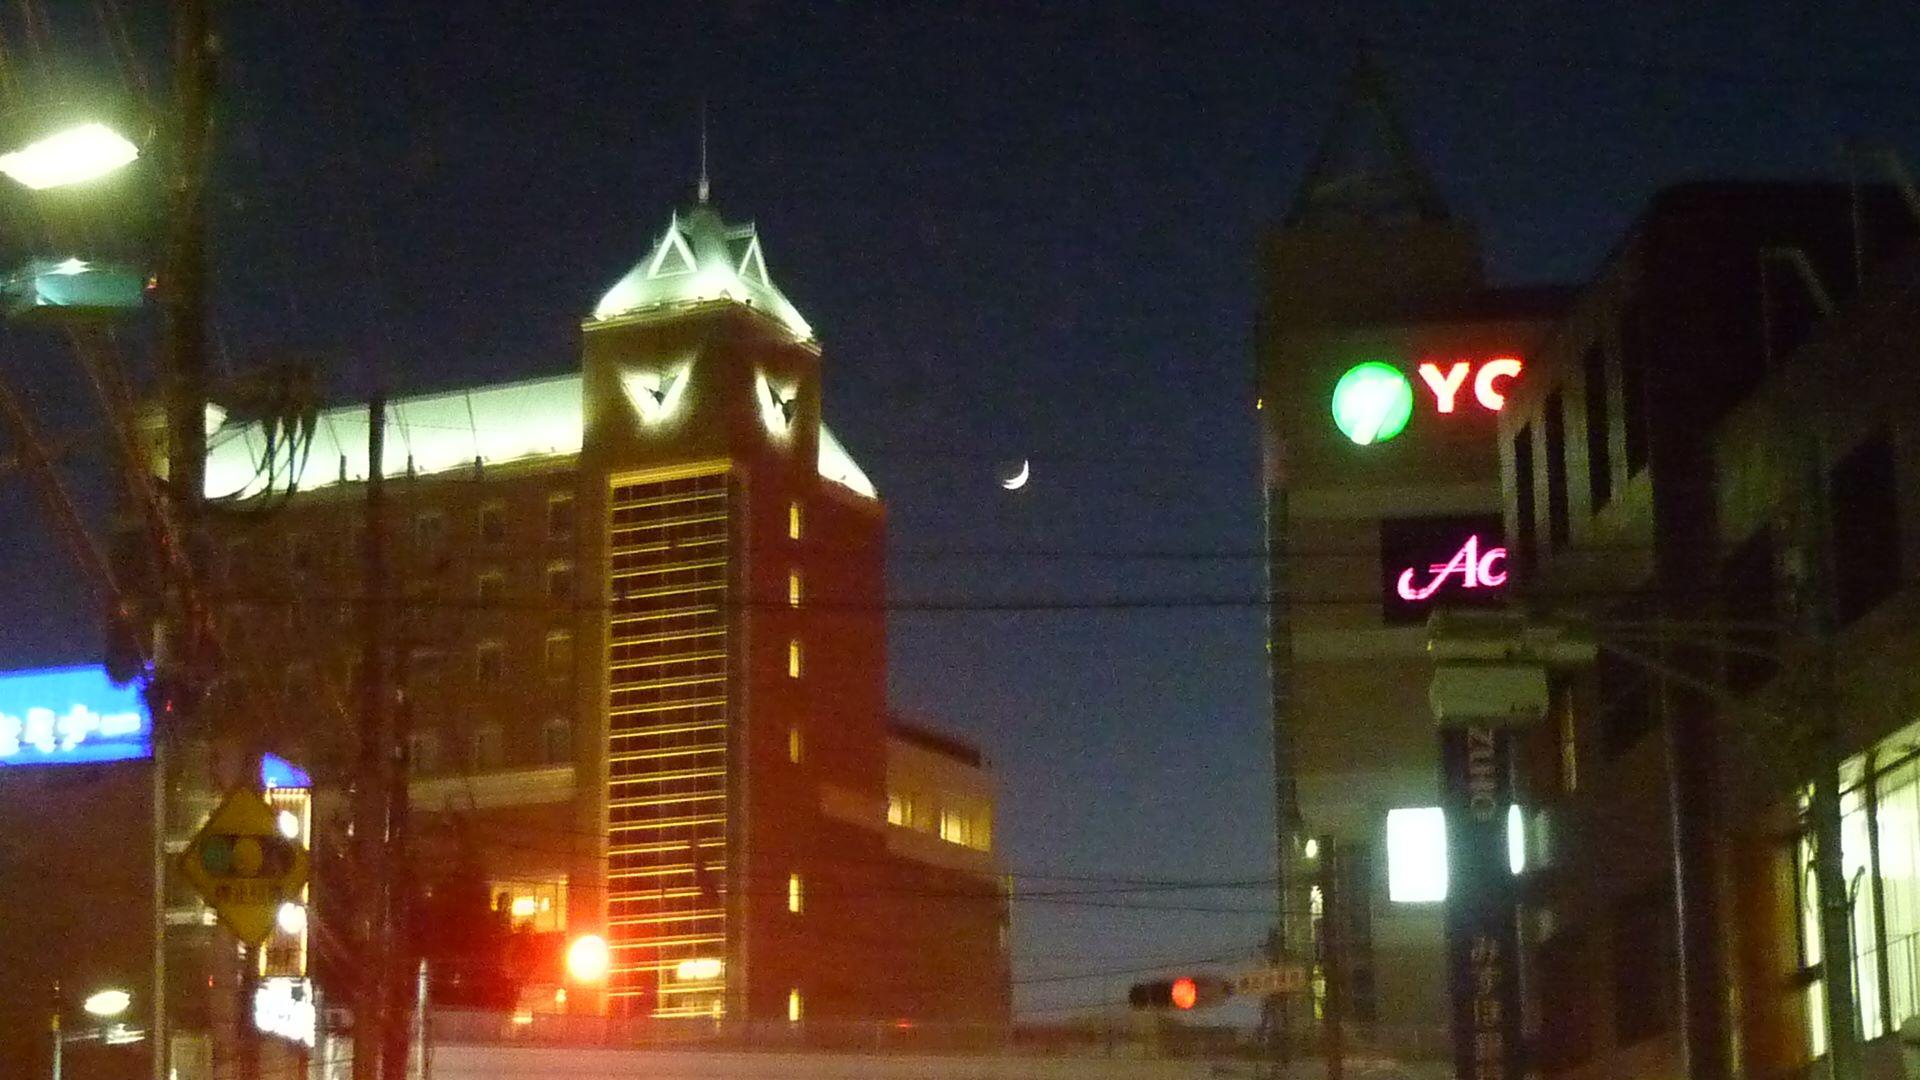 ウィシュトンホテルとユープラの間から眉より細い「新月」が美しく見えました。